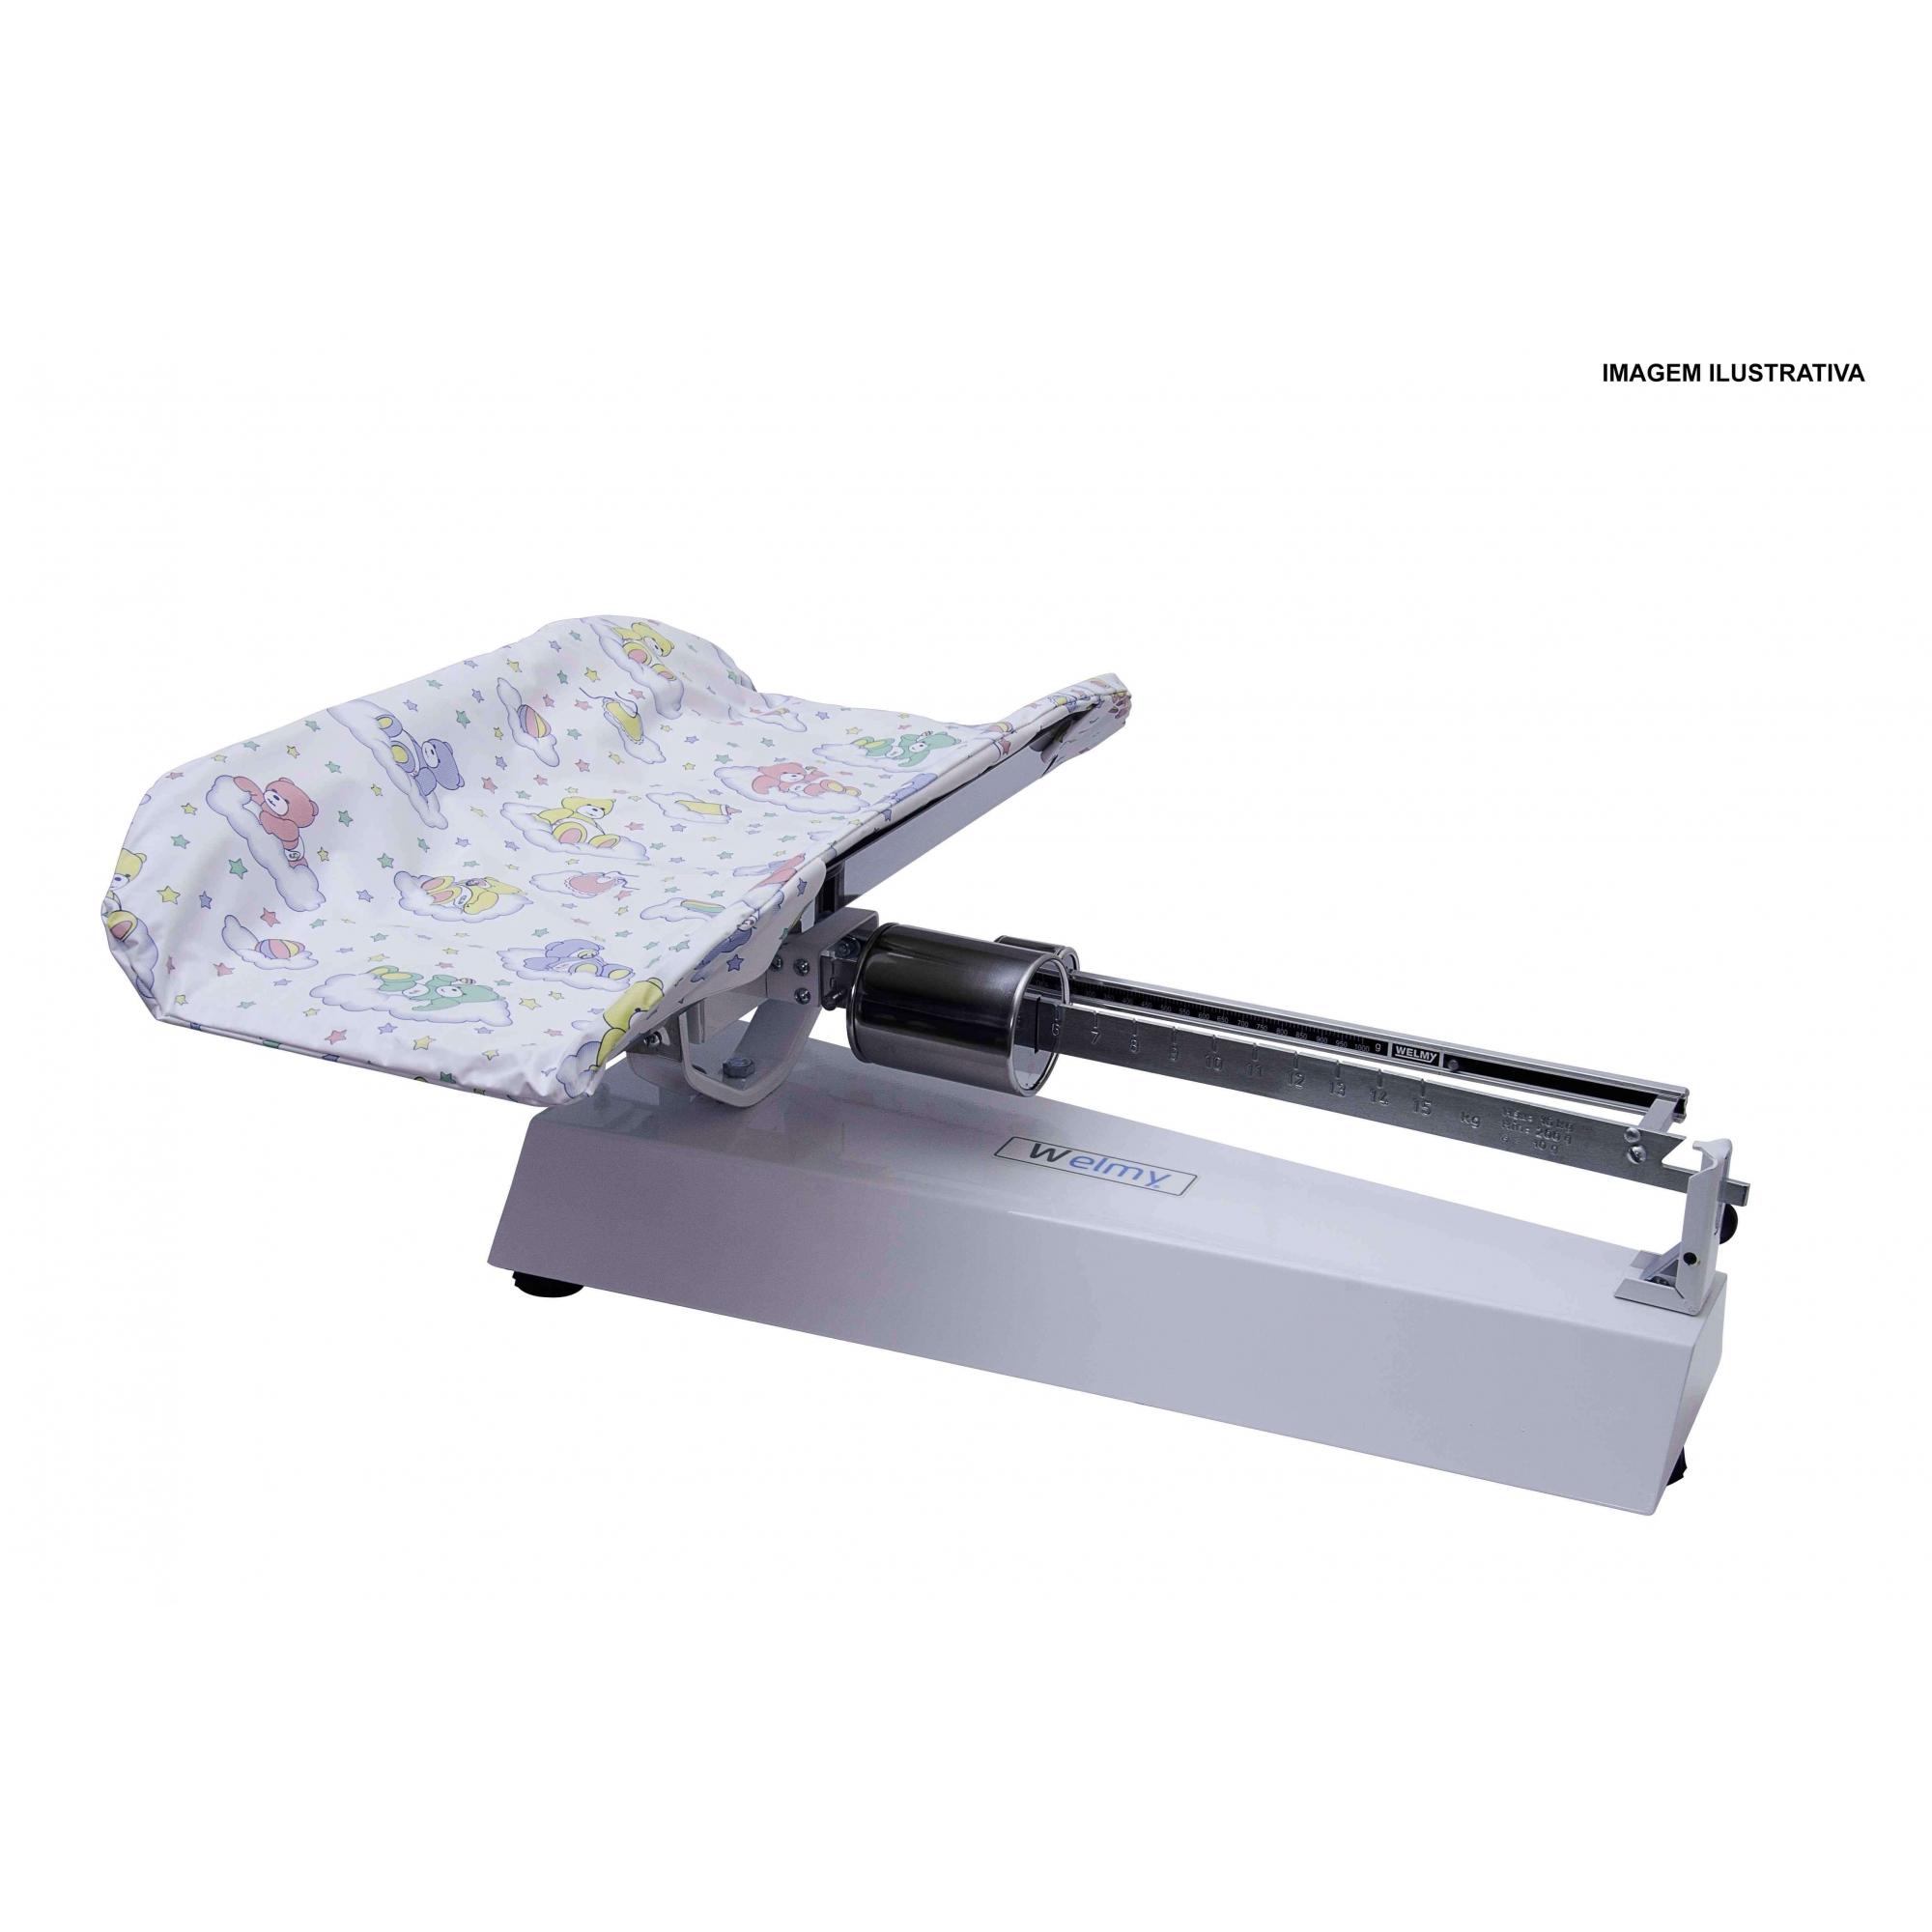 Balança Antropométrica Mecânica Infantil 16 Kg com Concha em Inox